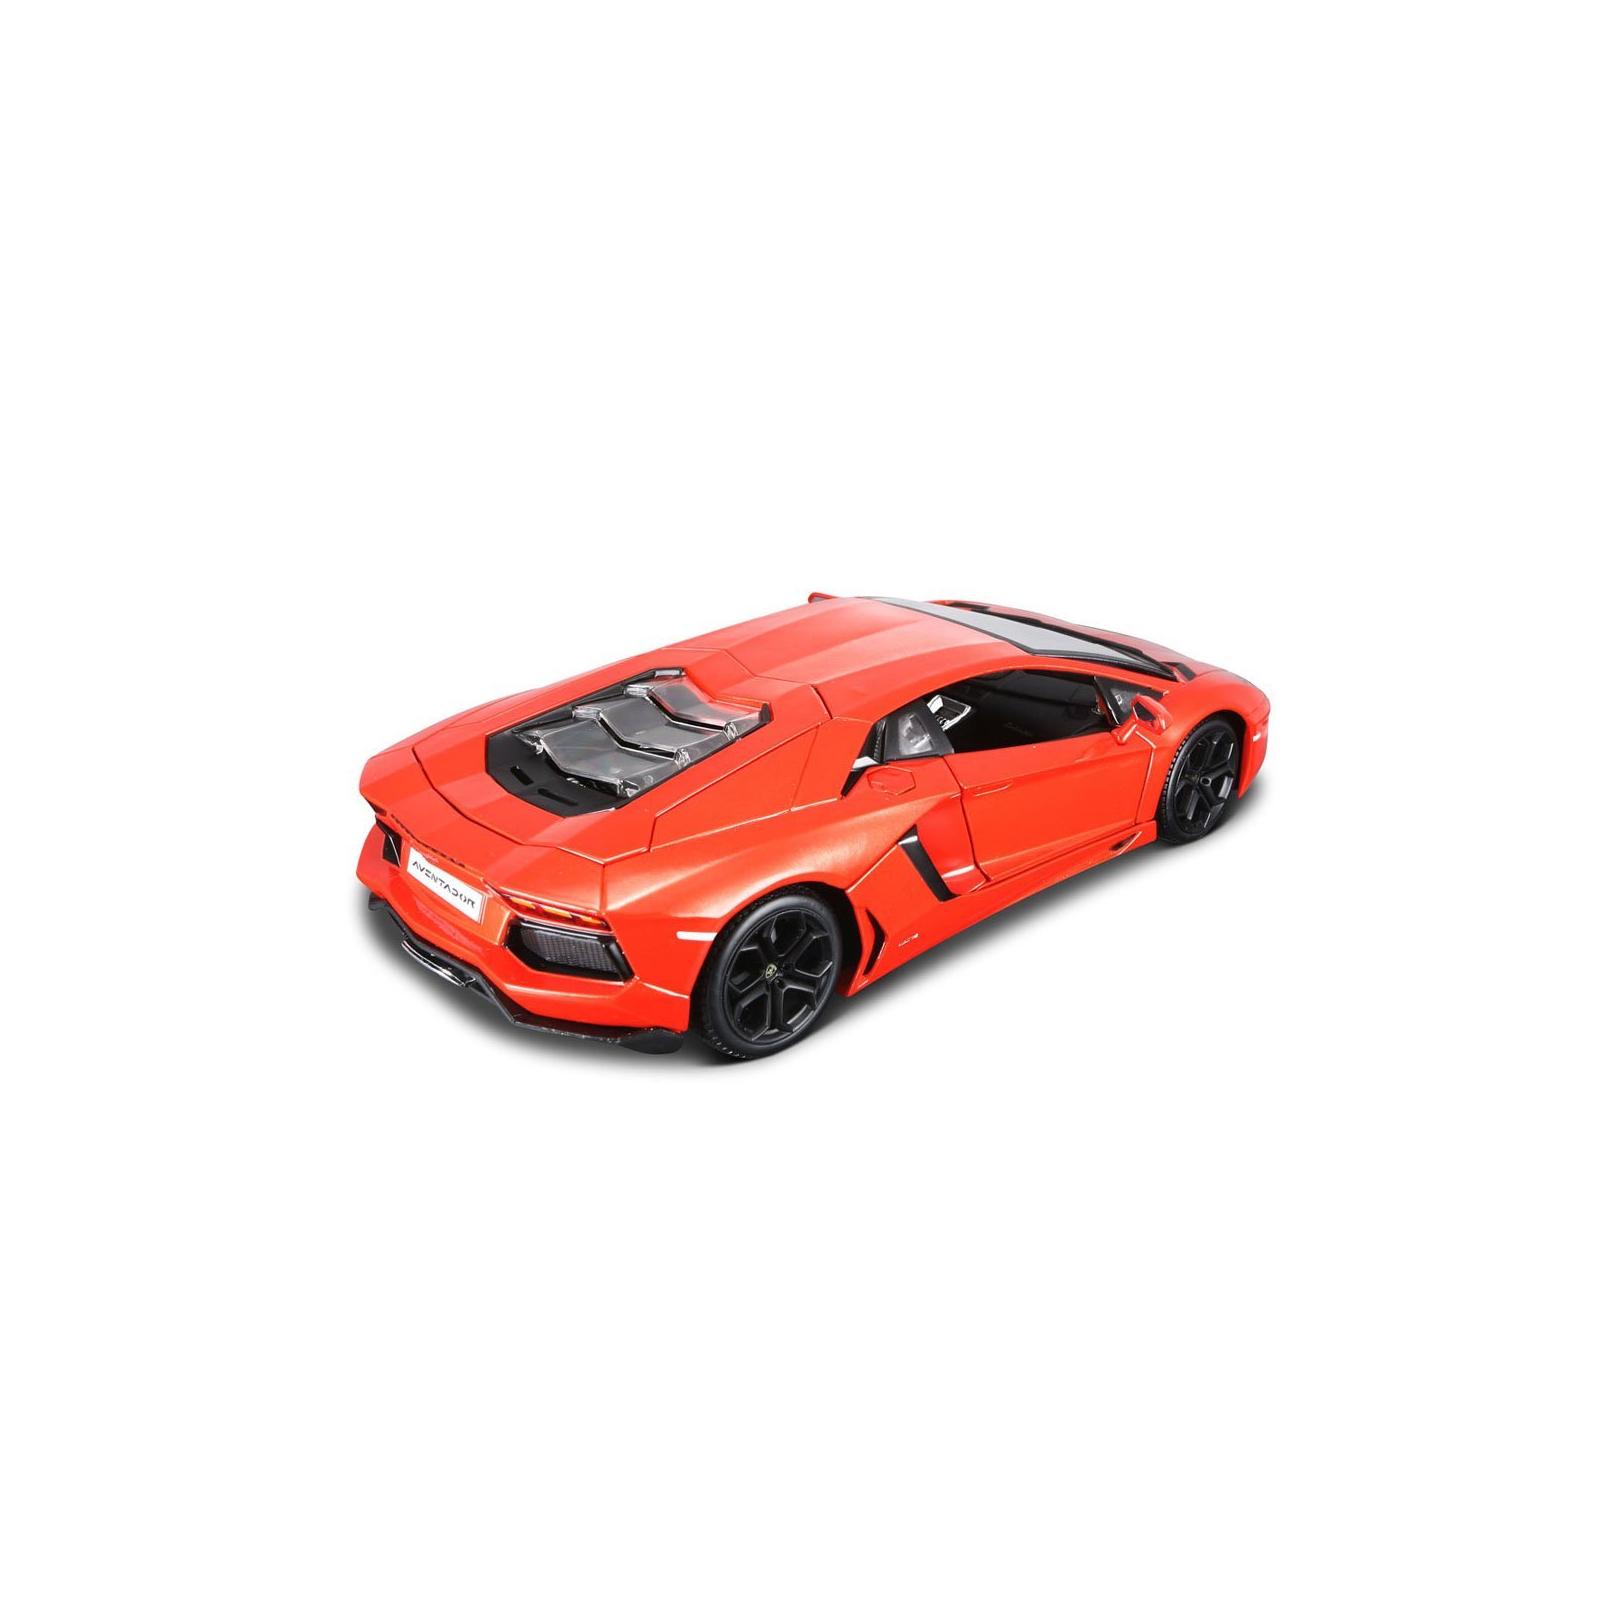 Радиоуправляемая игрушка AULDEY Lamborghini Aventador LP 700-4 (LC258050-4B) изображение 2